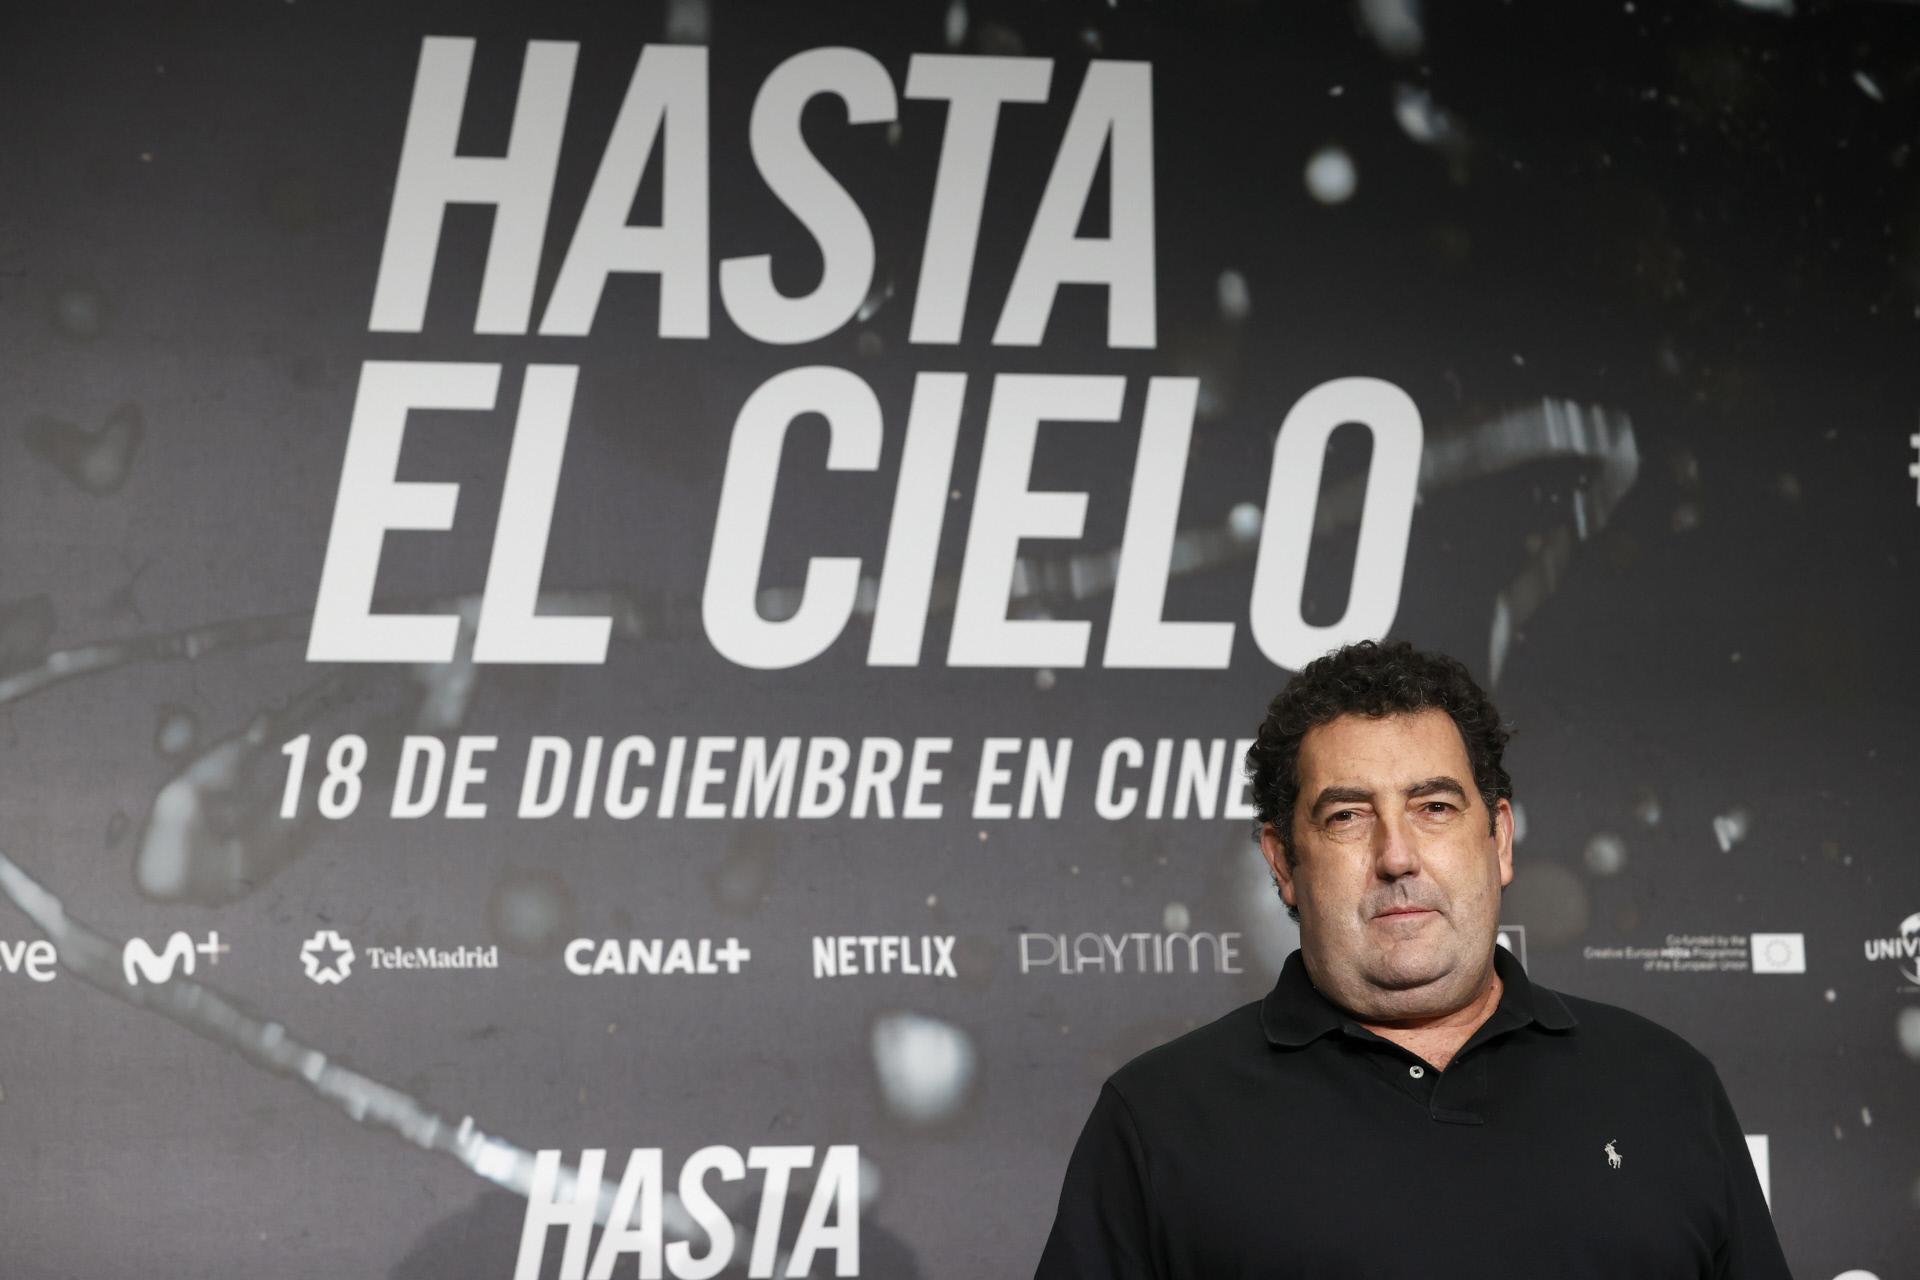 """Daniel Calparsoro en el estreno de la película """"Hasta el cielo"""" en Madrid."""